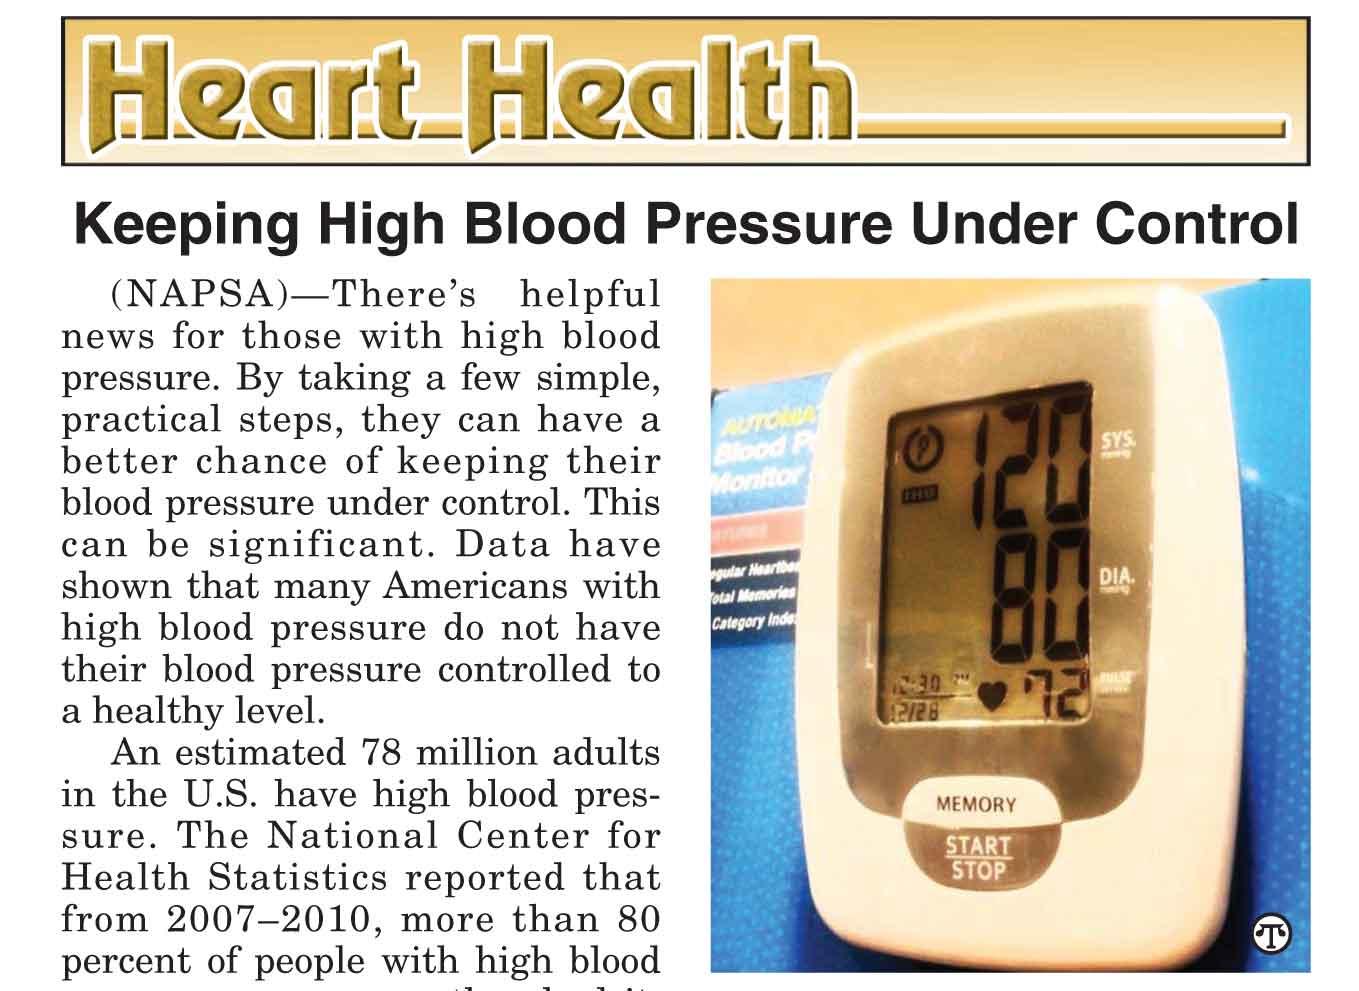 Multi-Media: American Heart Association